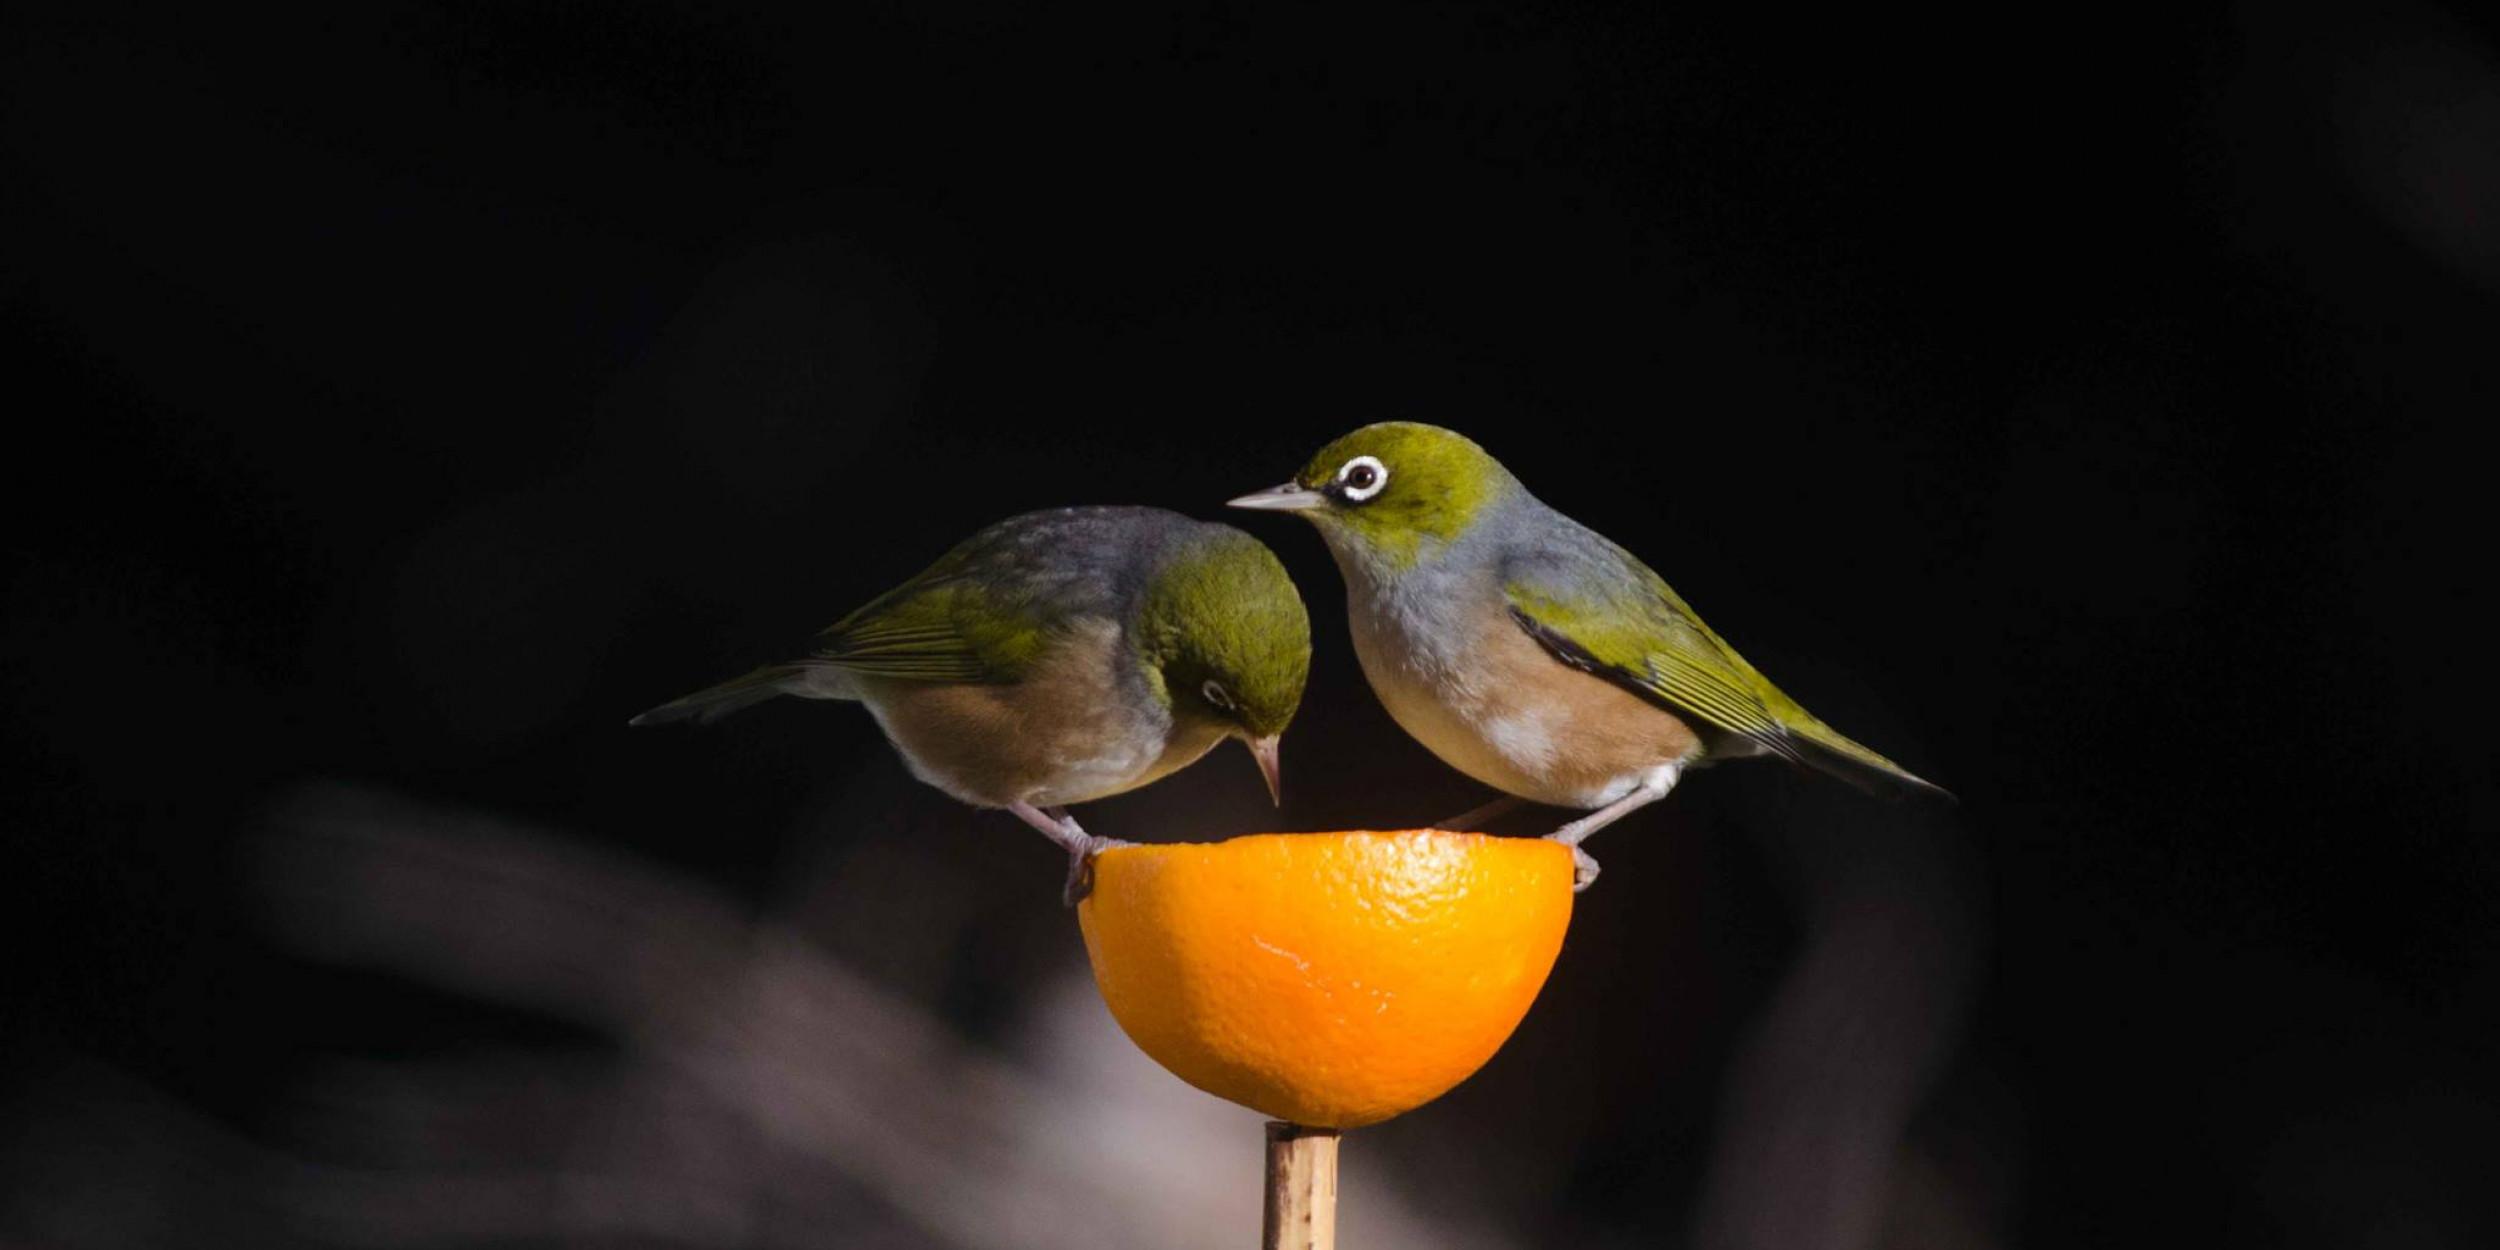 en pictures image photo garden view bird stock feeder domain free public